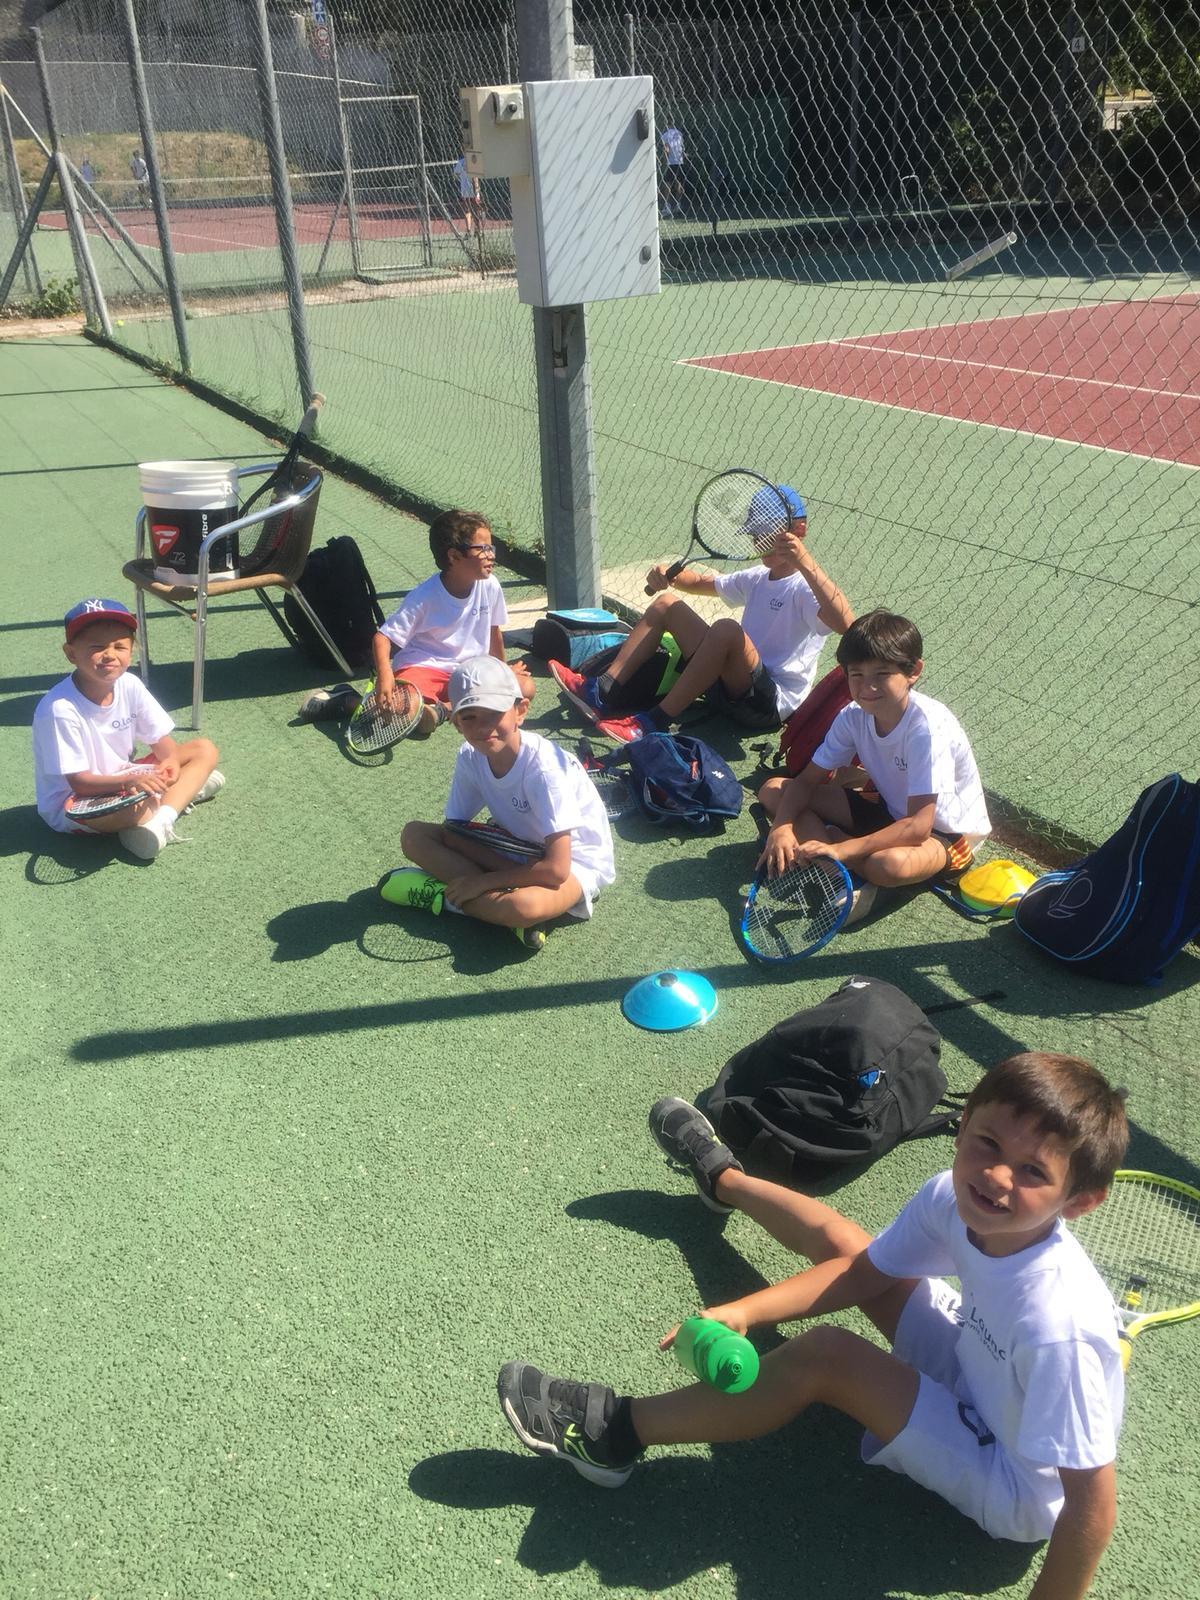 ecole de tennis du park - les accates - olivier launo 3